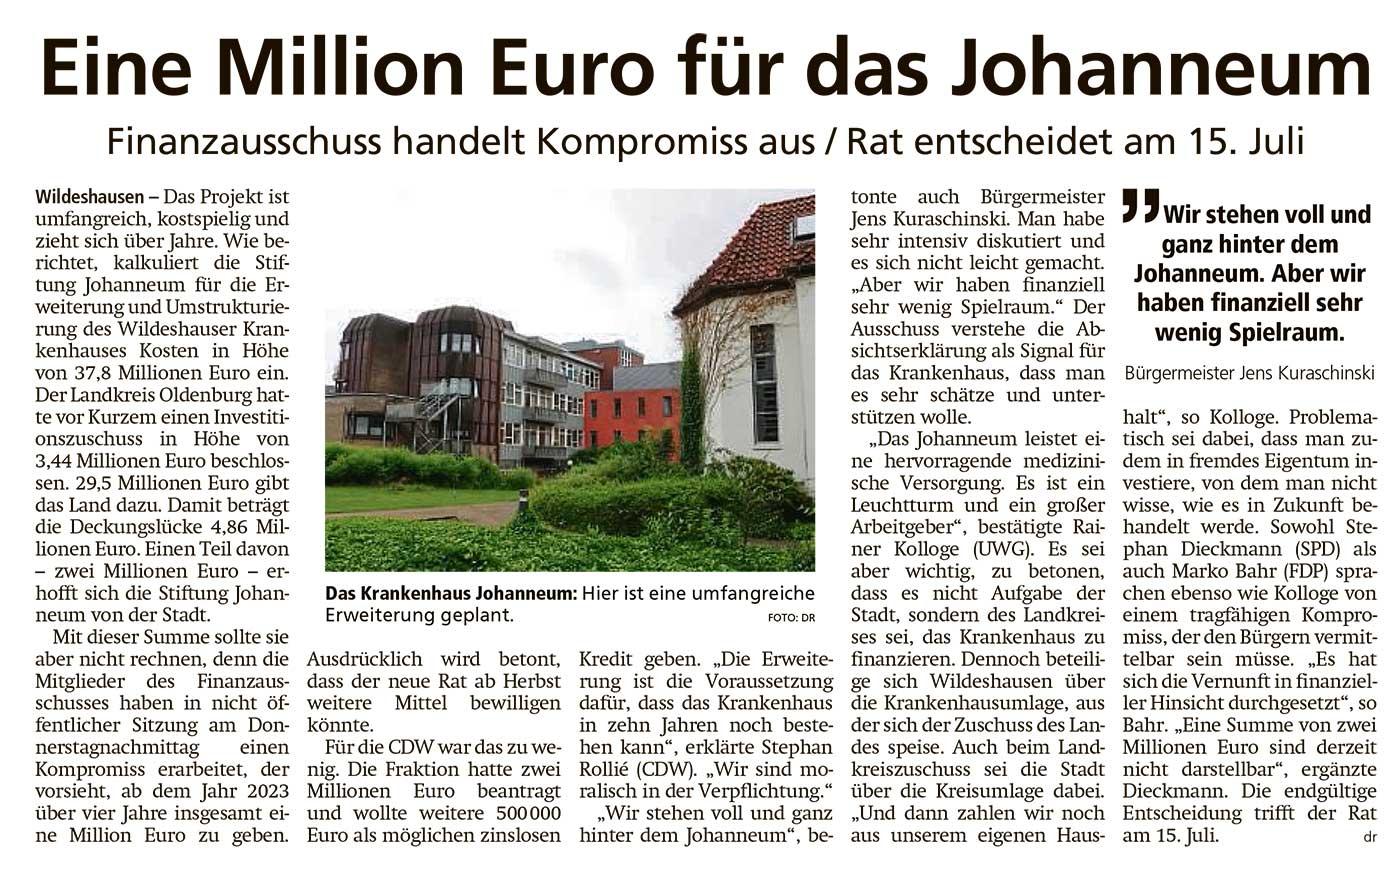 Eine Million Euro für das JohanneumFinanzausschuss handelt Kompromiss aus / Rat entscheidet am 15. JuliArtikel vom 02.07.2021 (WZ)